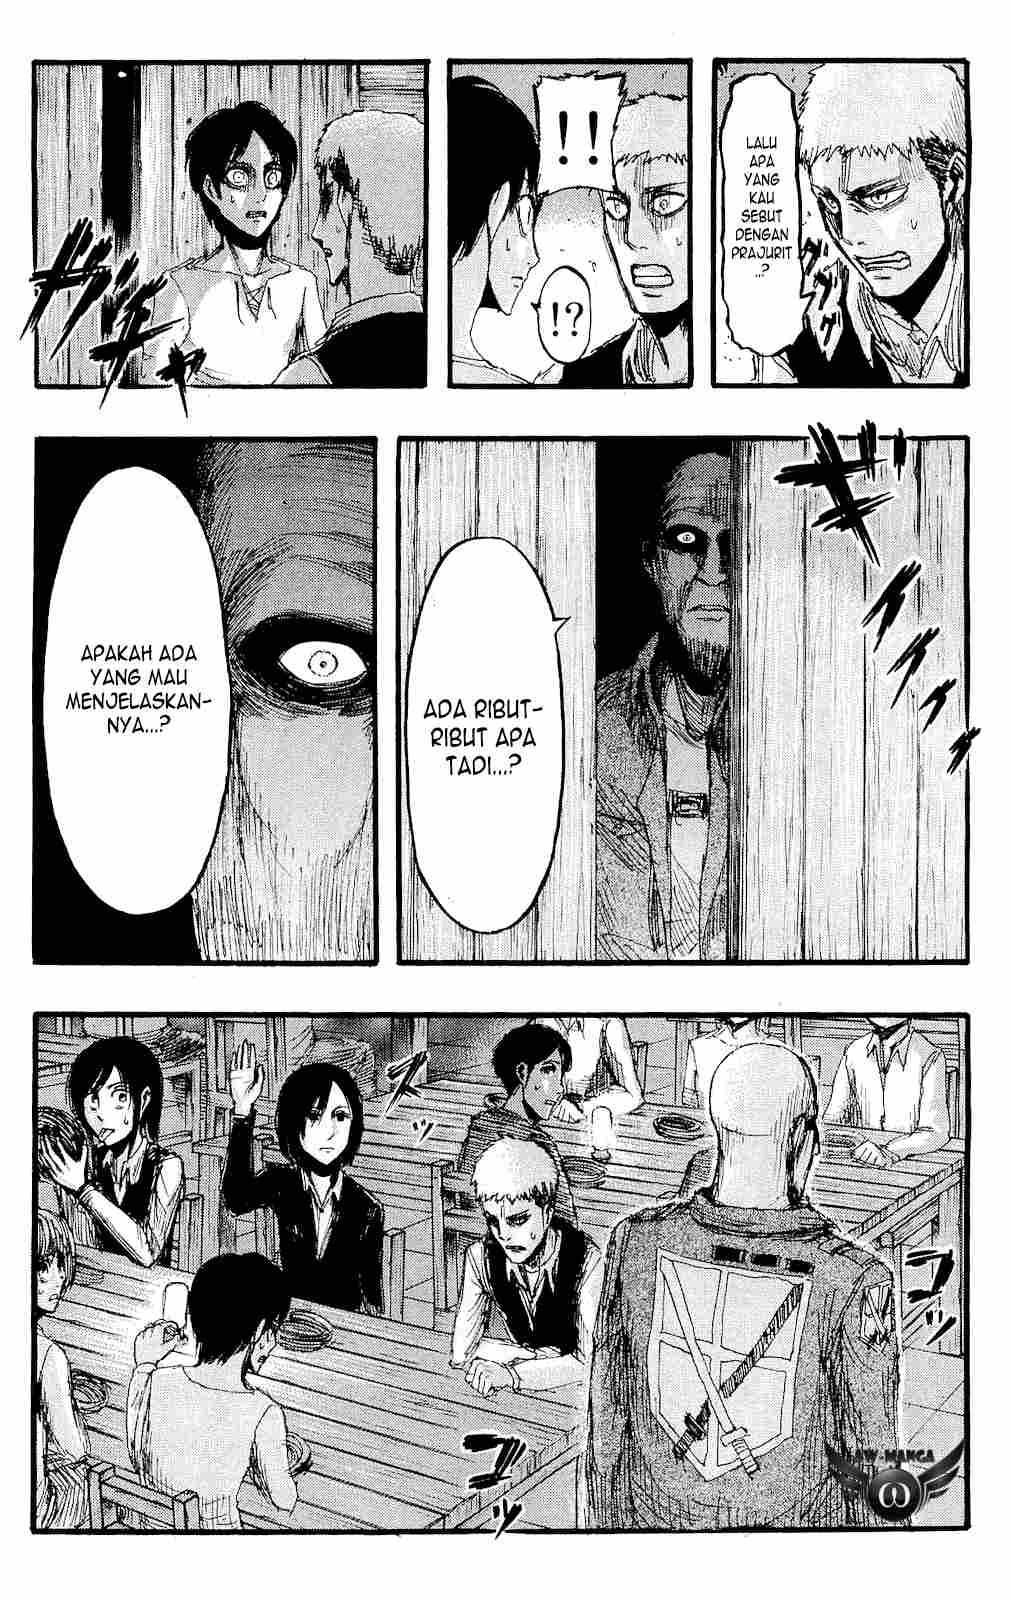 Komik shingeki no kyojin 017 - ilusi dari kekuatan 18 Indonesia shingeki no kyojin 017 - ilusi dari kekuatan Terbaru 30|Baca Manga Komik Indonesia|